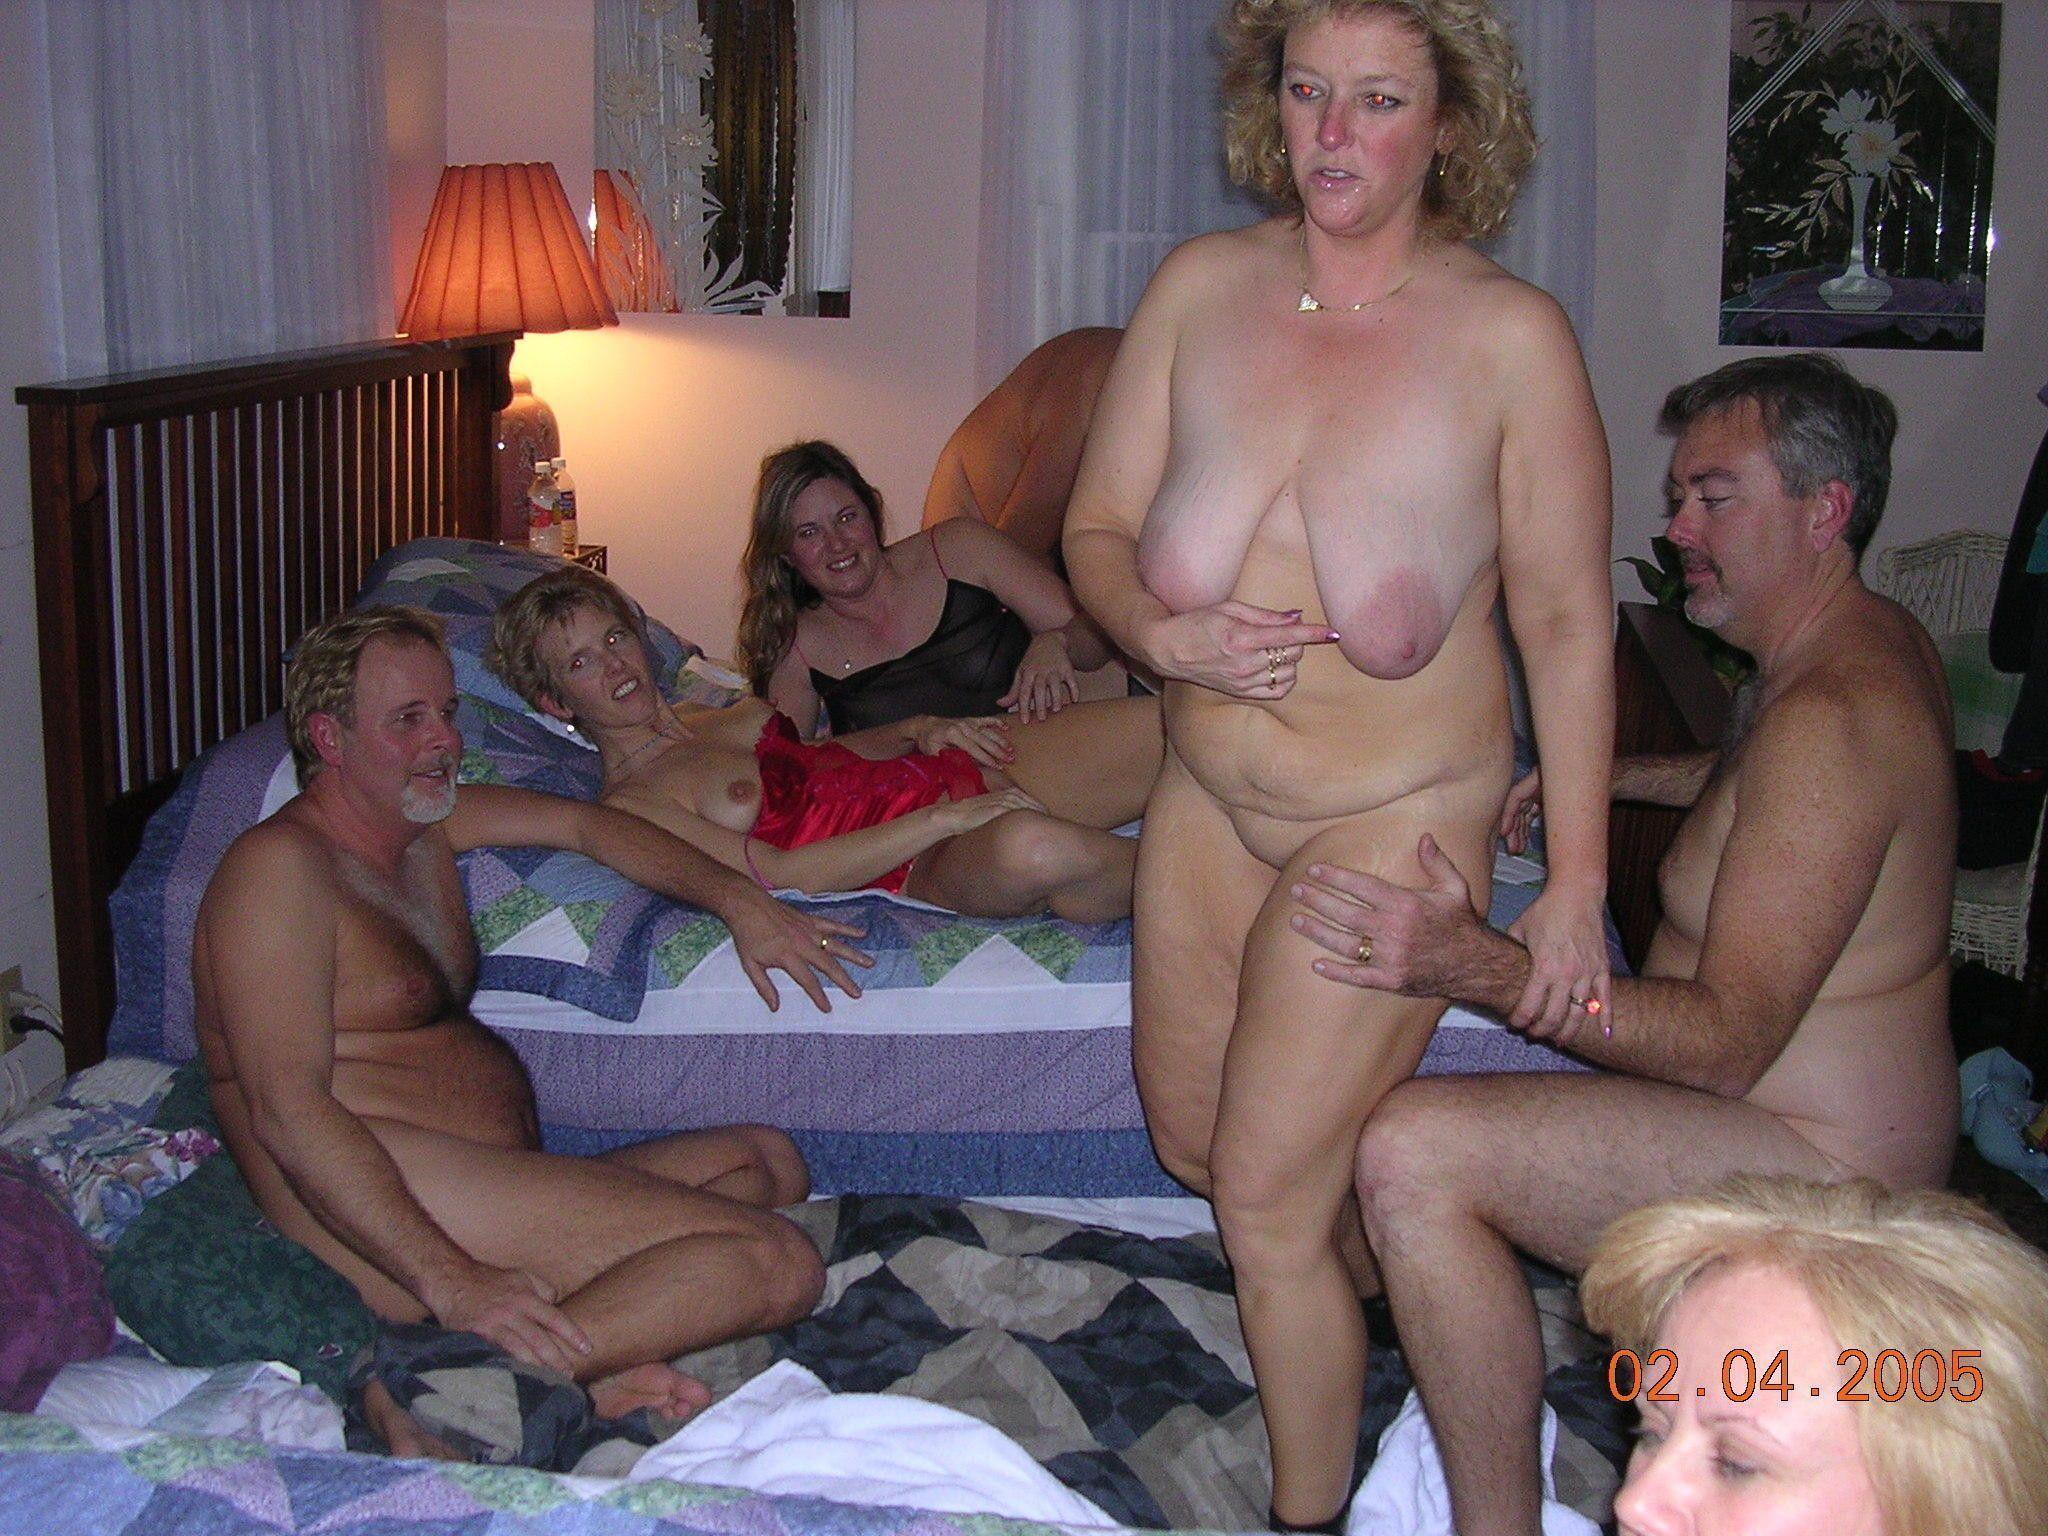 Сексрусской семейной пары 1 фотография